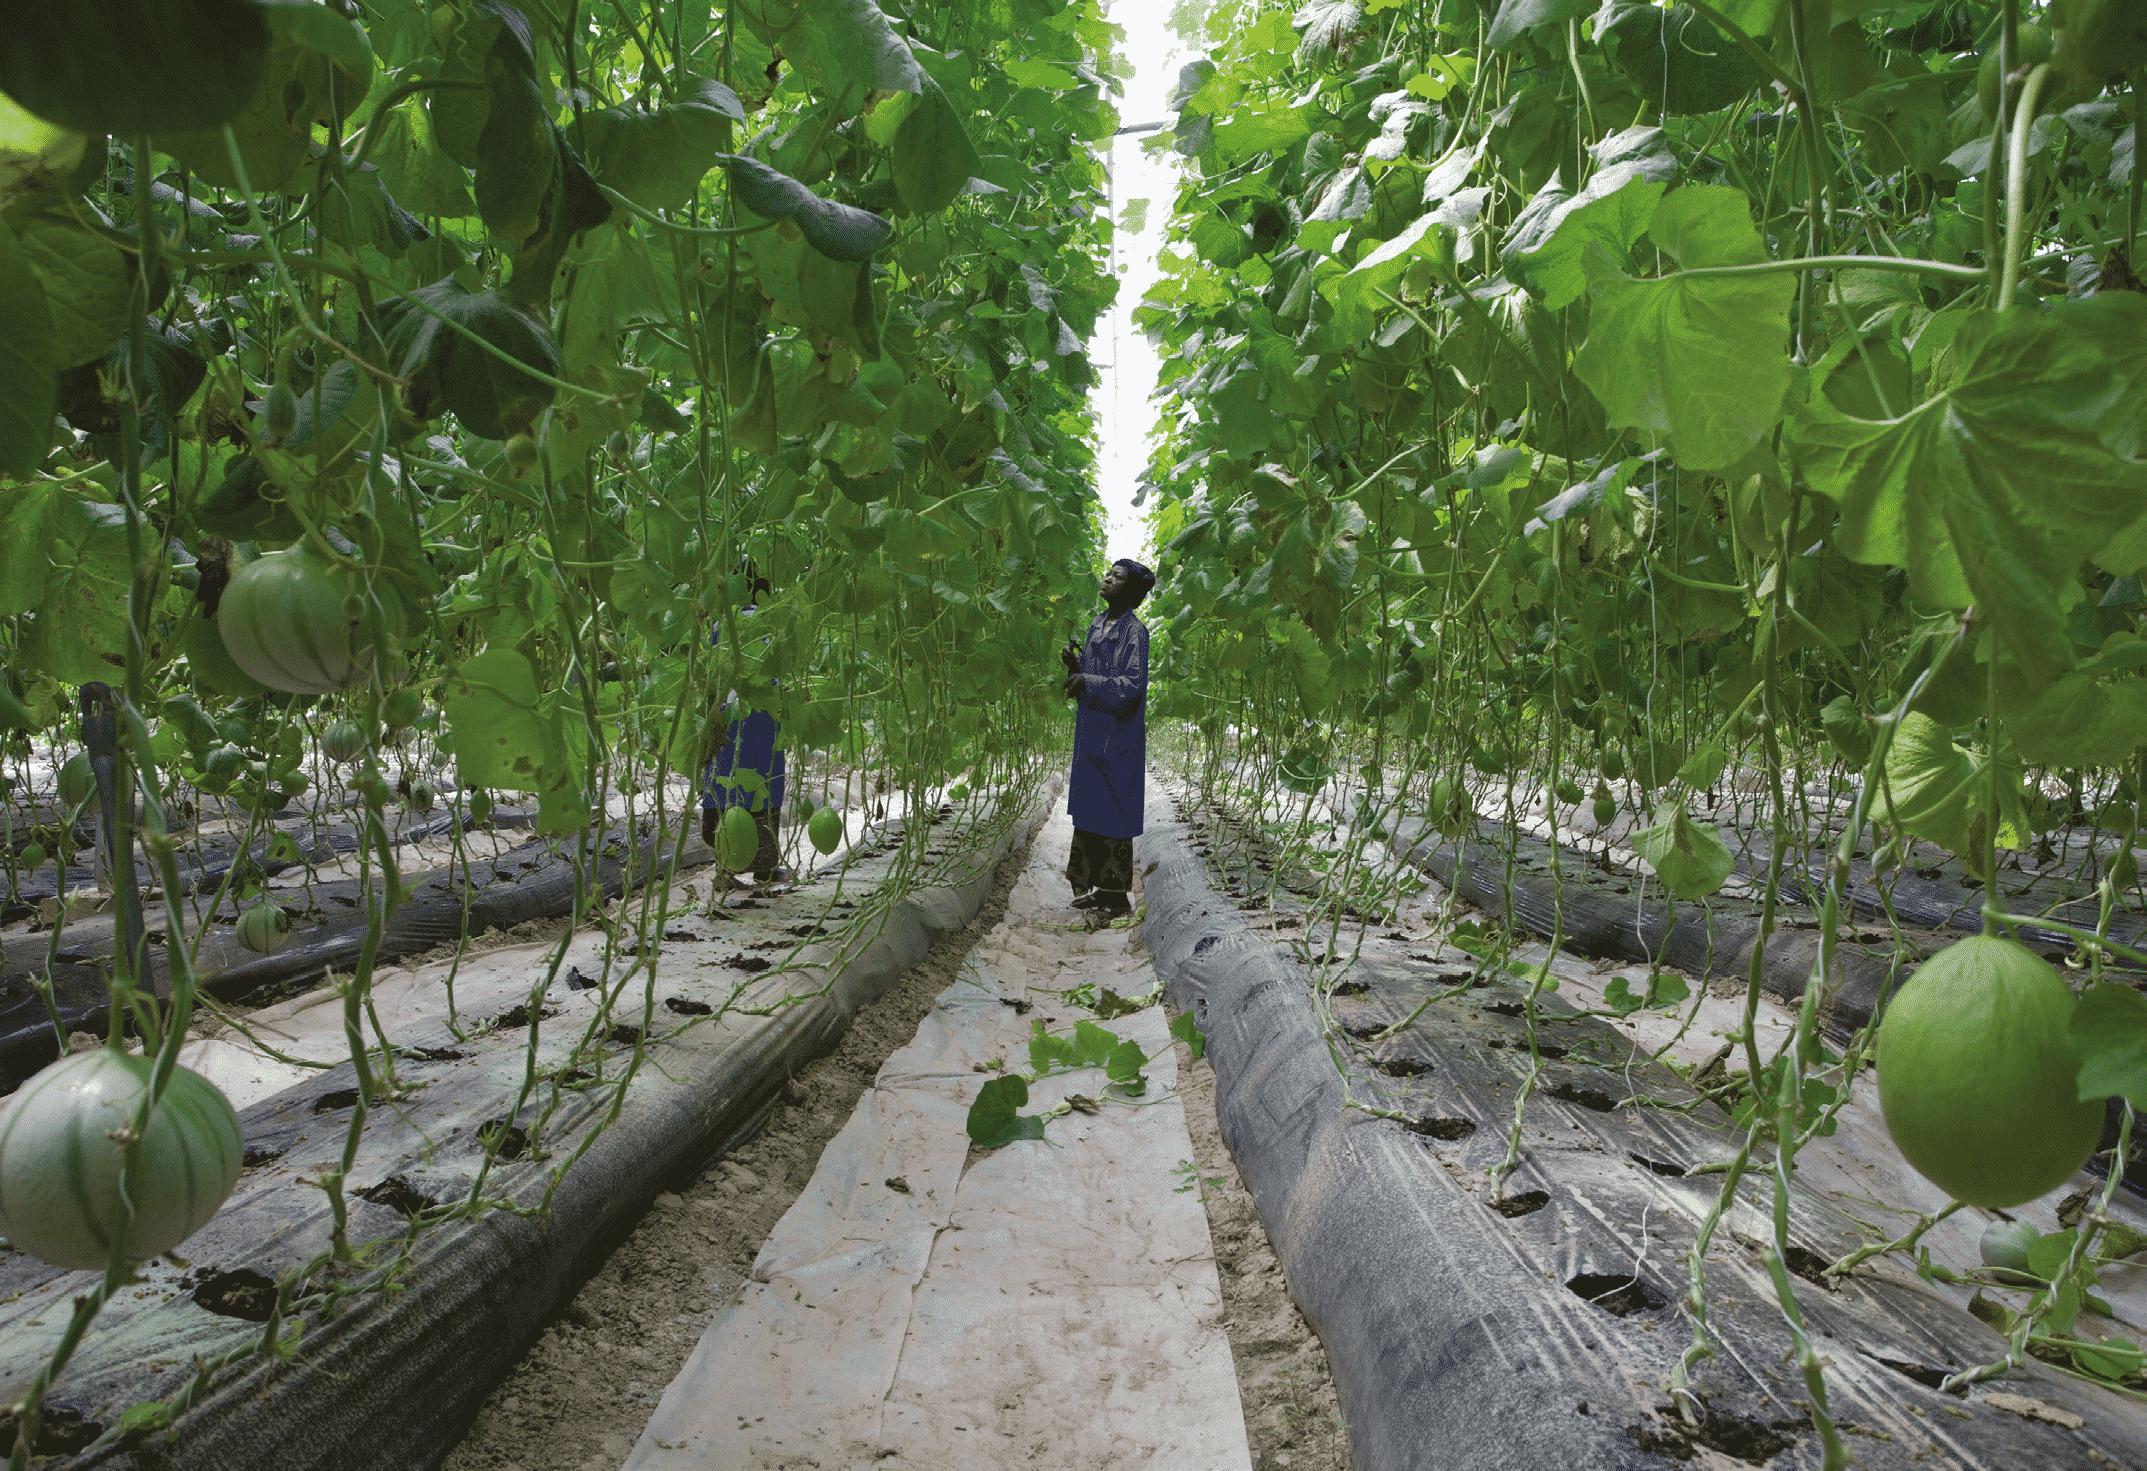 Hervé lejeune agriculture afrique potentiel